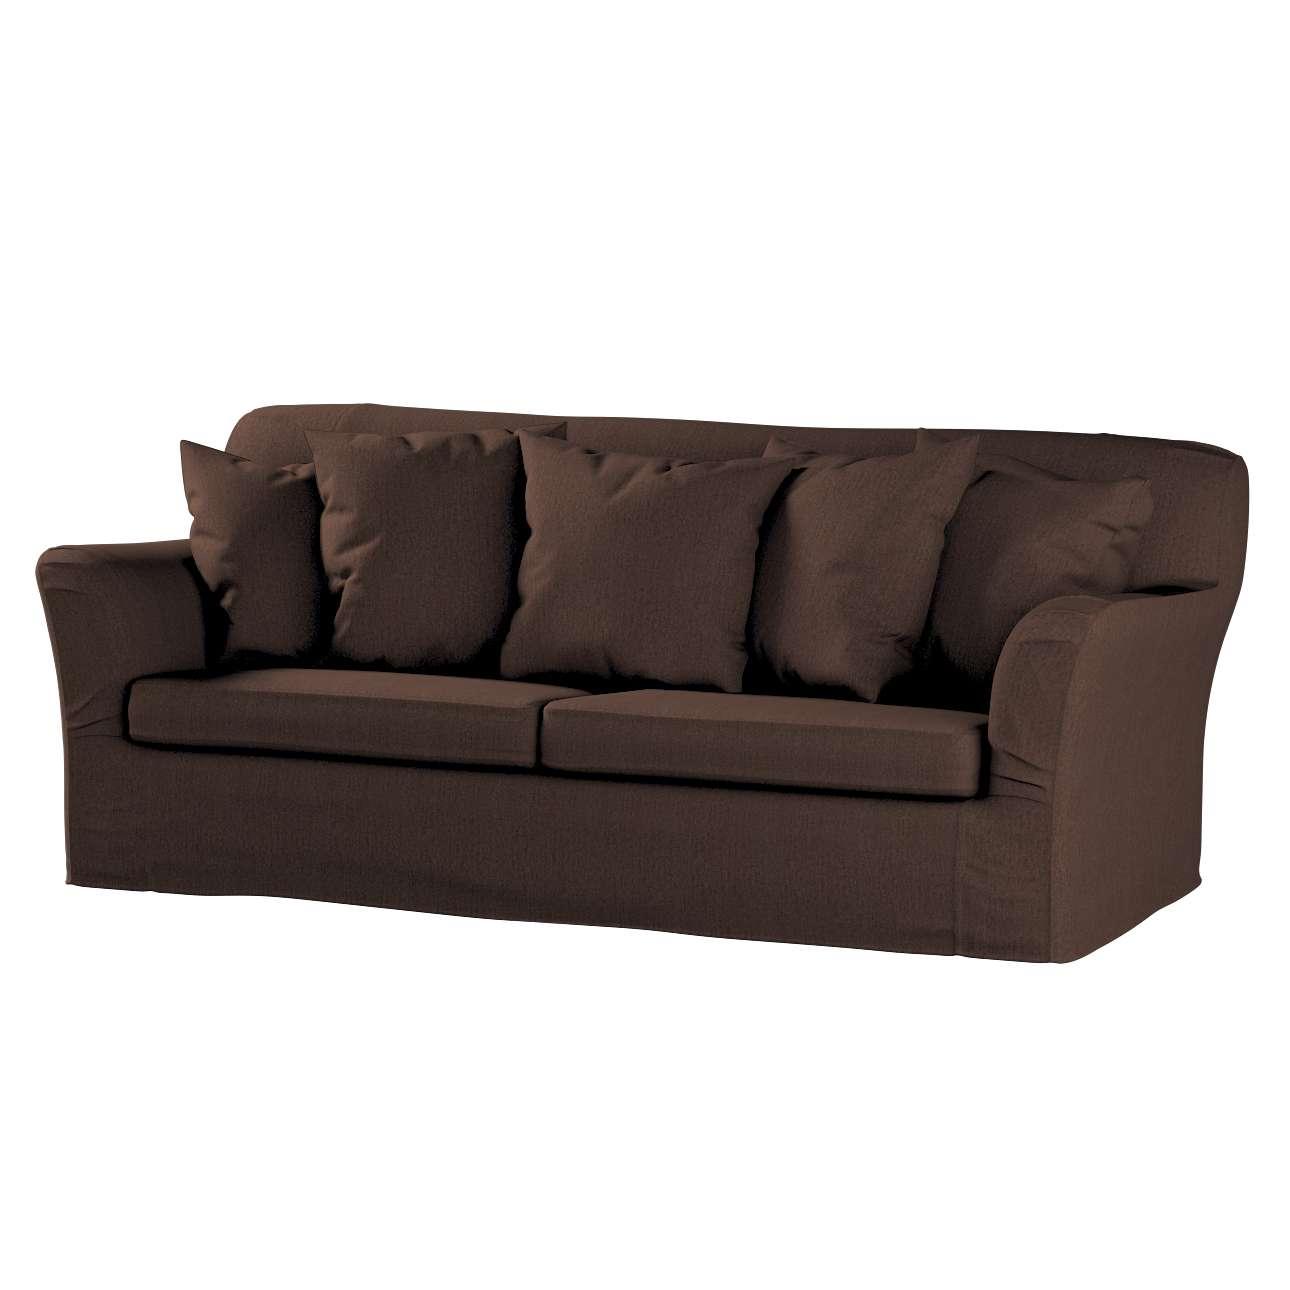 Pokrowiec na sofę Tomelilla rozkładaną Sofa Tomelilla rozkładana w kolekcji Chenille, tkanina: 702-18